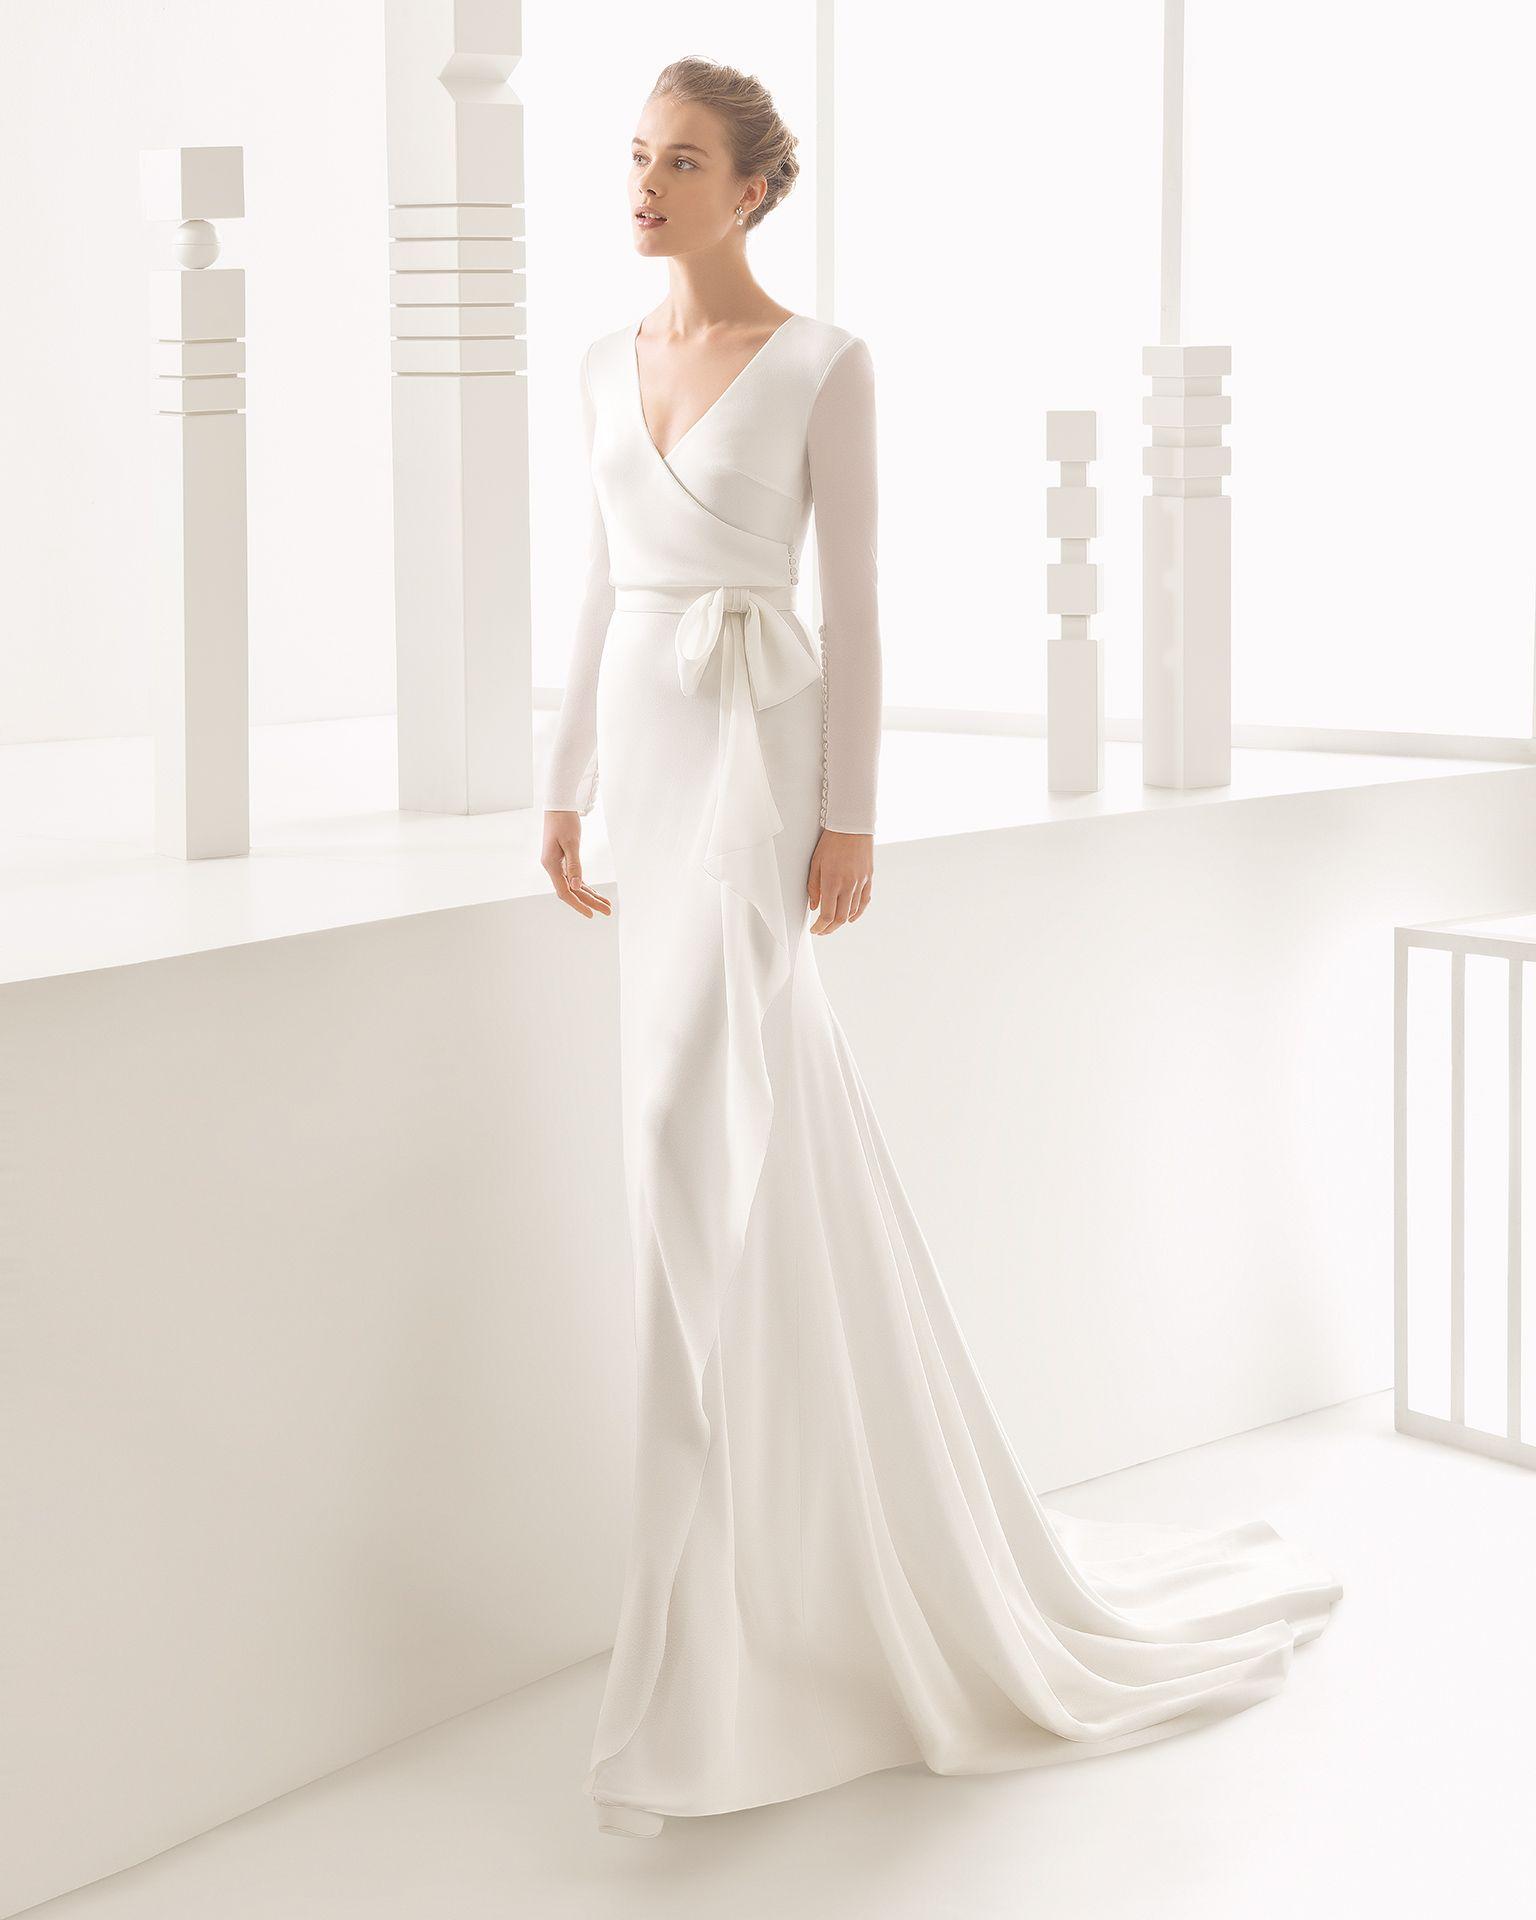 Natura - Hochzeit 2017. Rosa Clará Kollektion | Hochzeitskleider ...